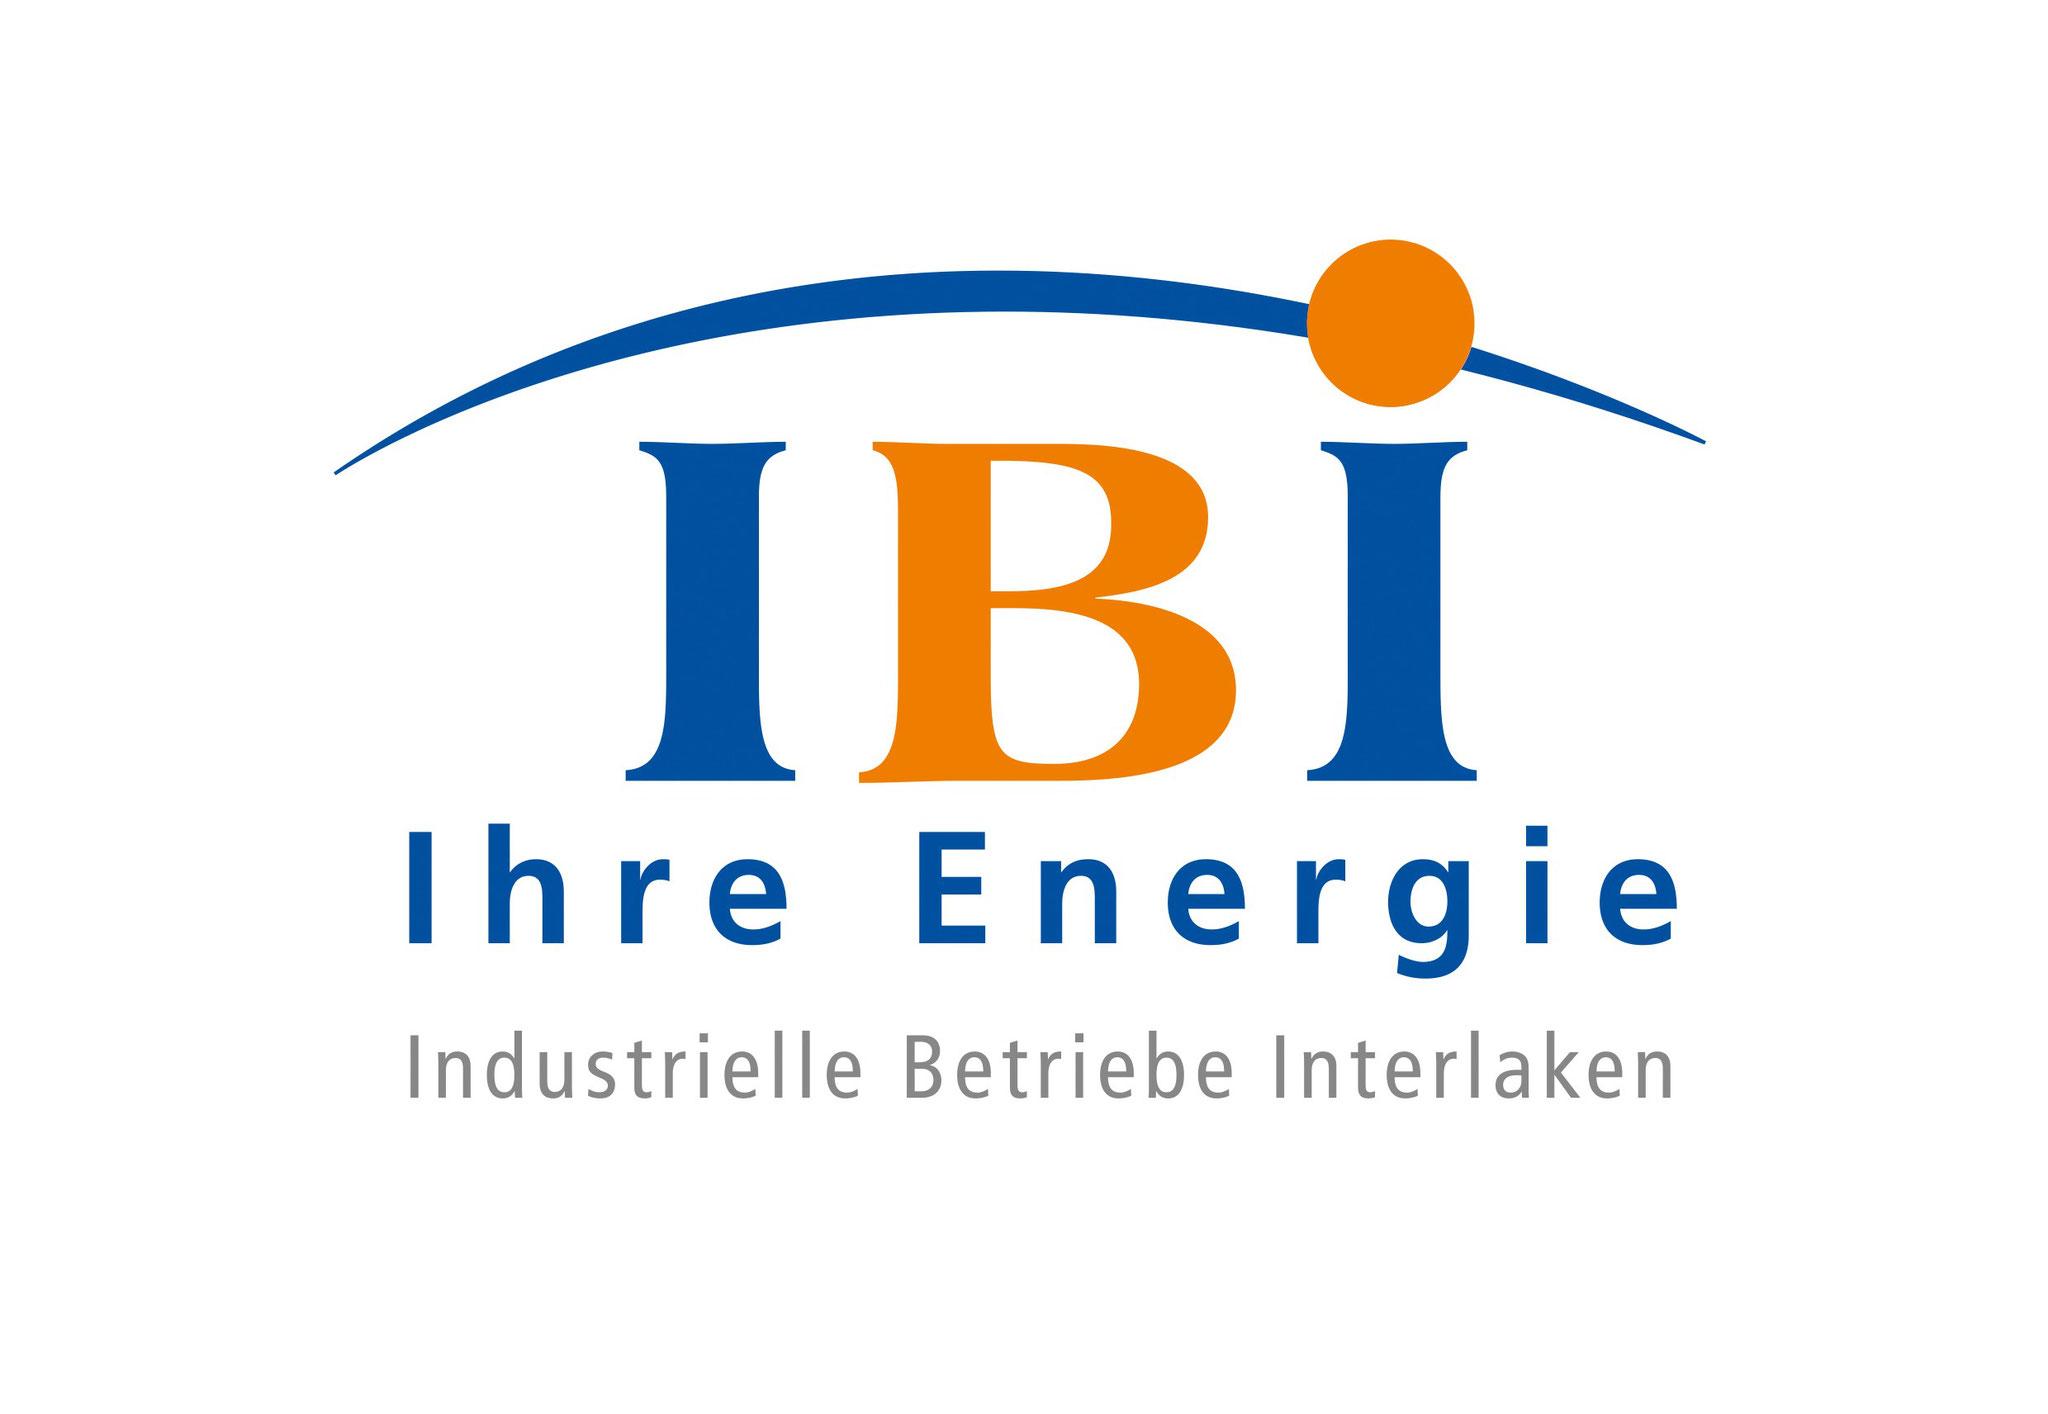 Industrielle Betriebe Interlaken